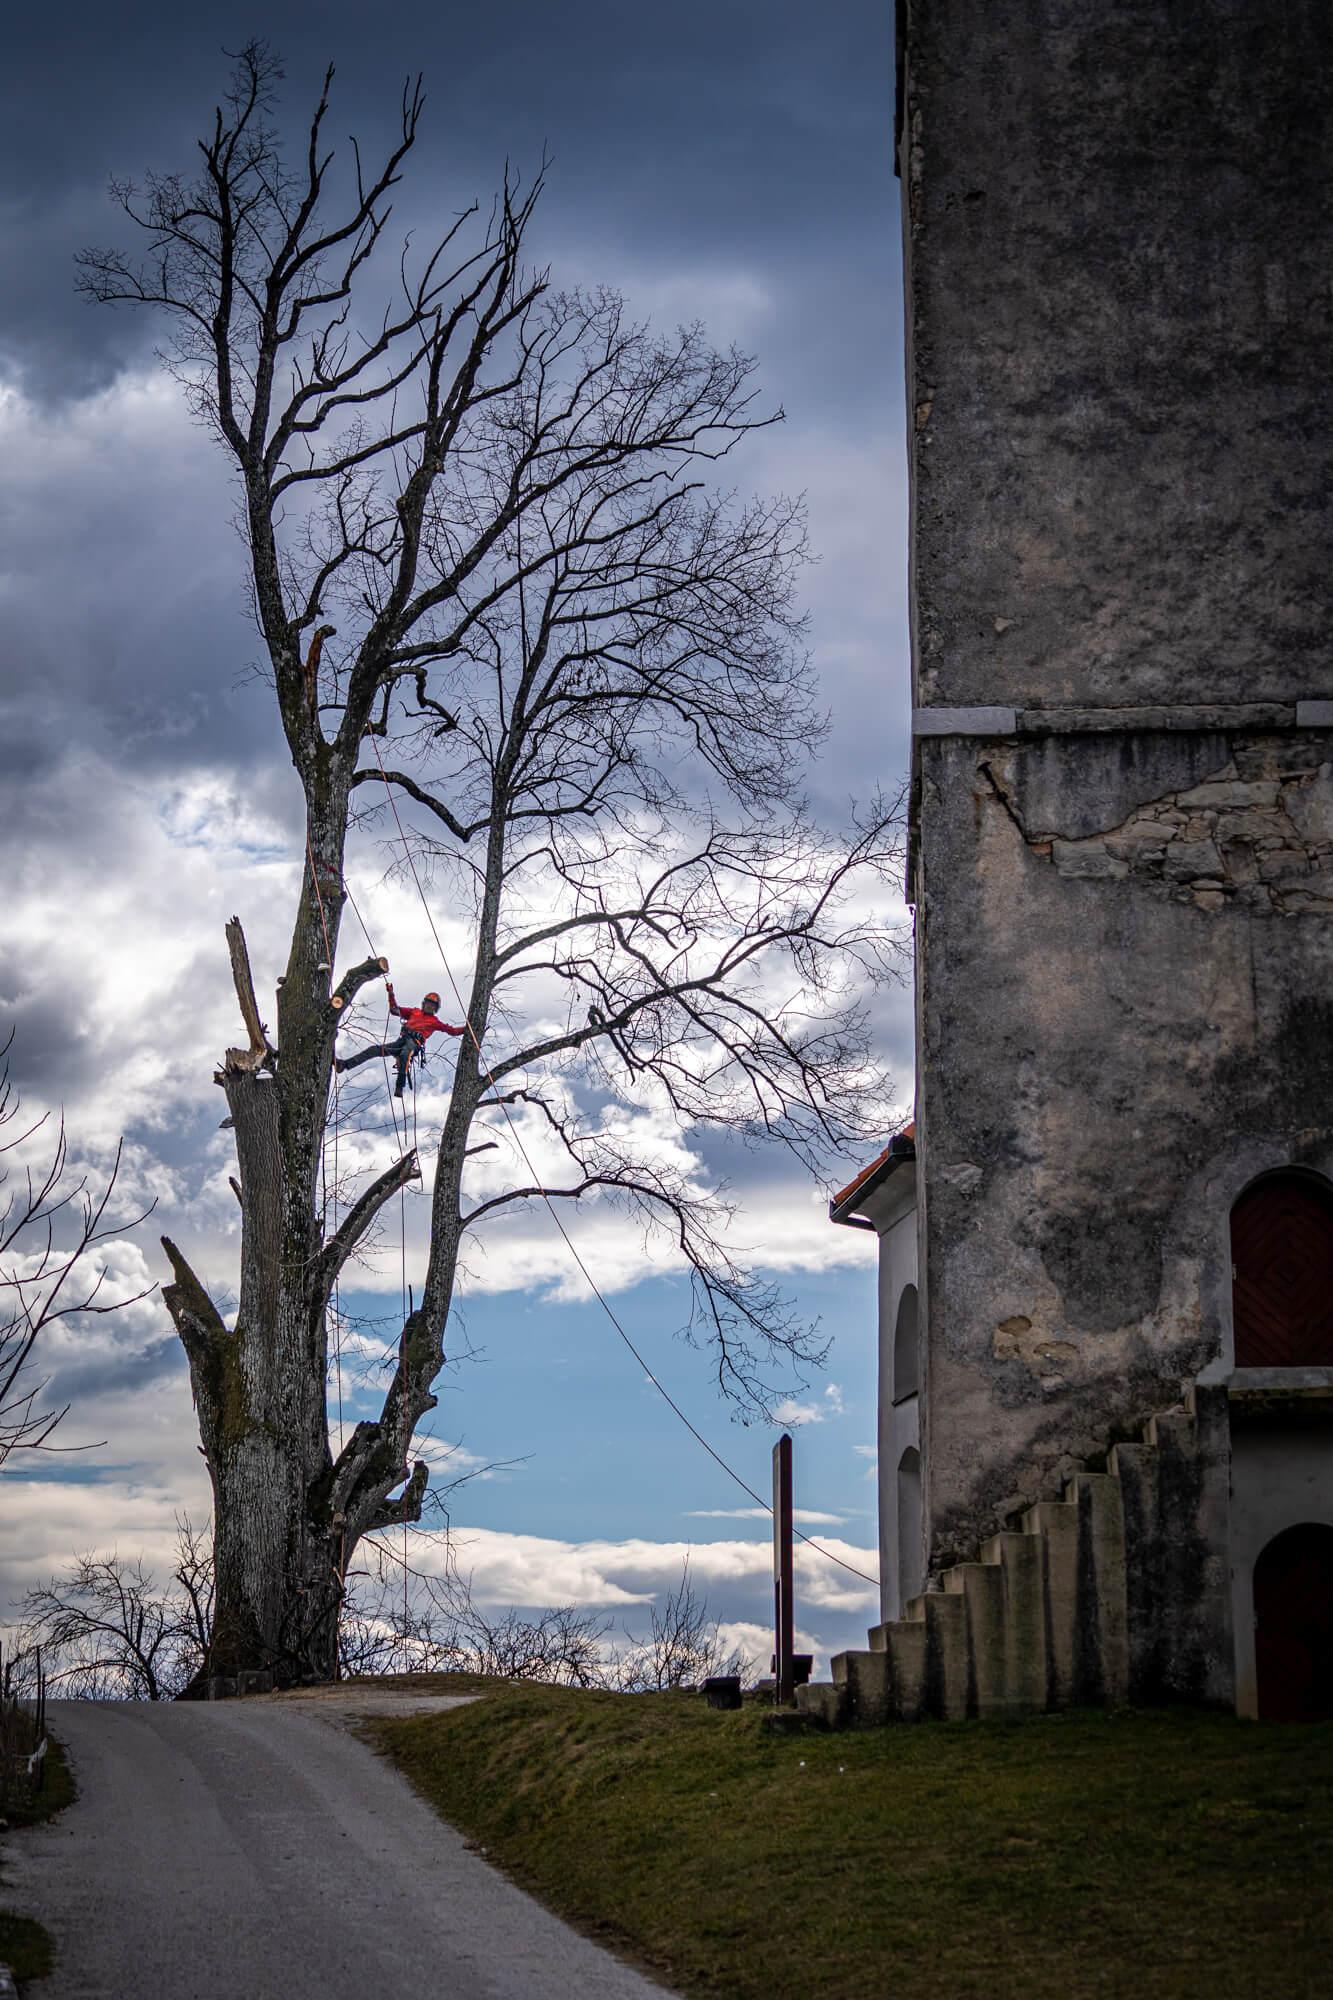 Arborist, ki Obrezuje Drevo na Višini v Urbanem Okolju